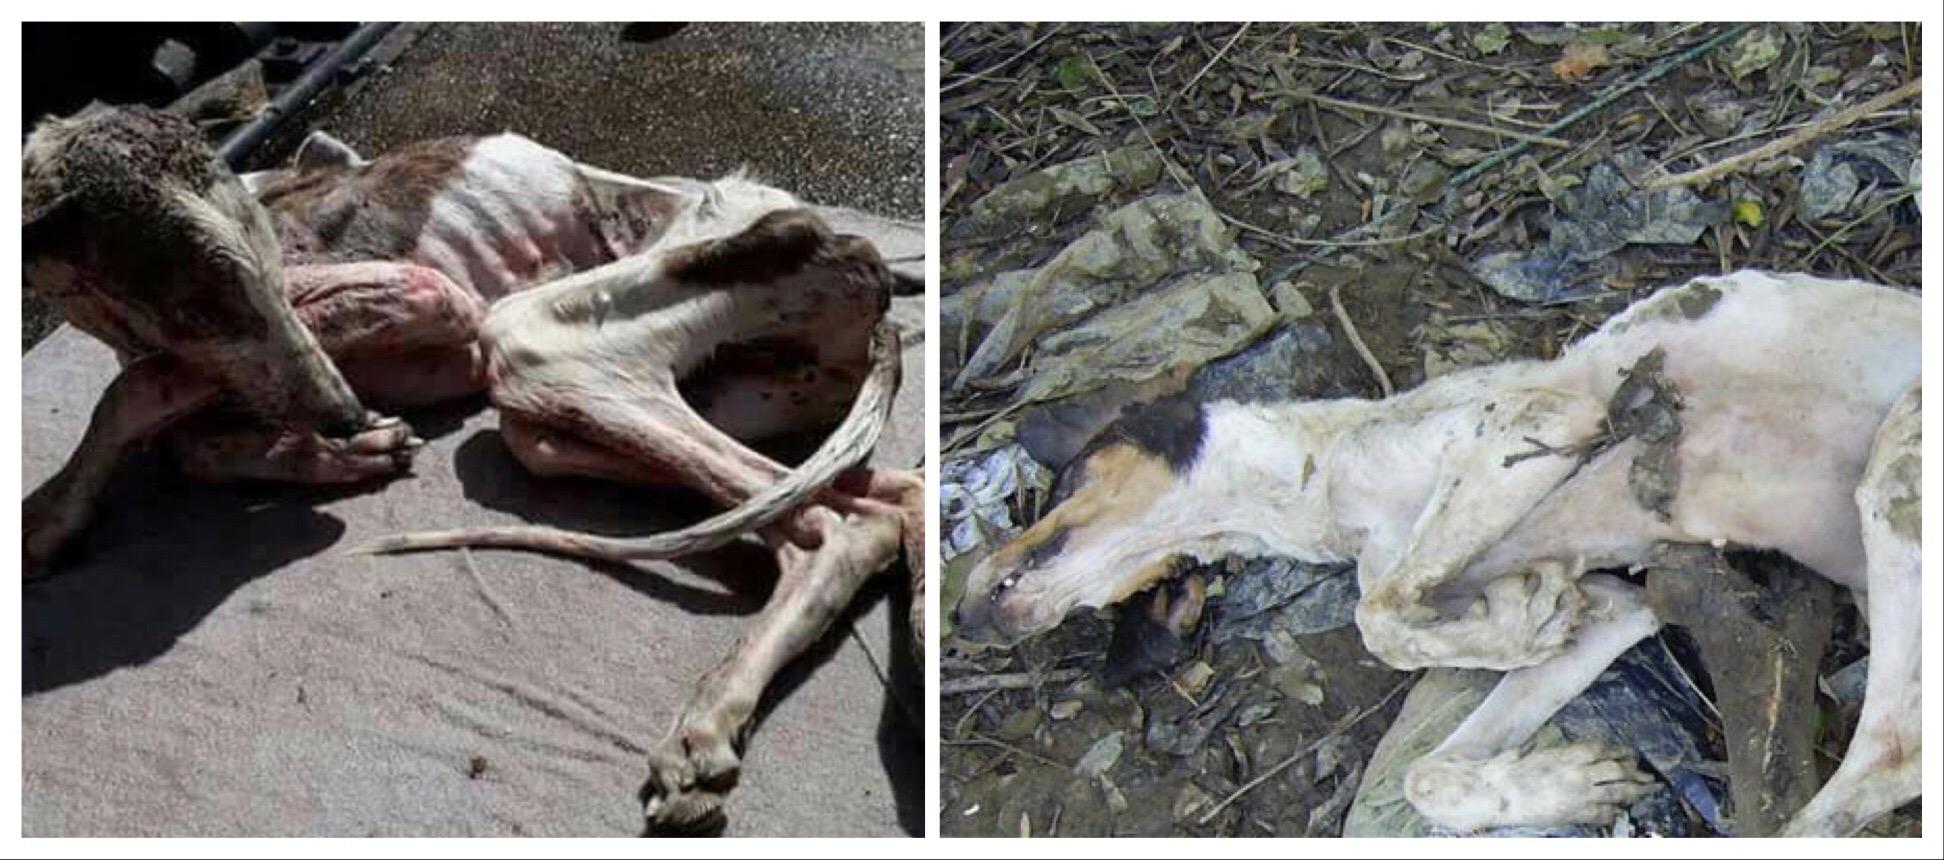 Espagne : Stop aux massacres. A David Sassoli, Président du Parlement Européen